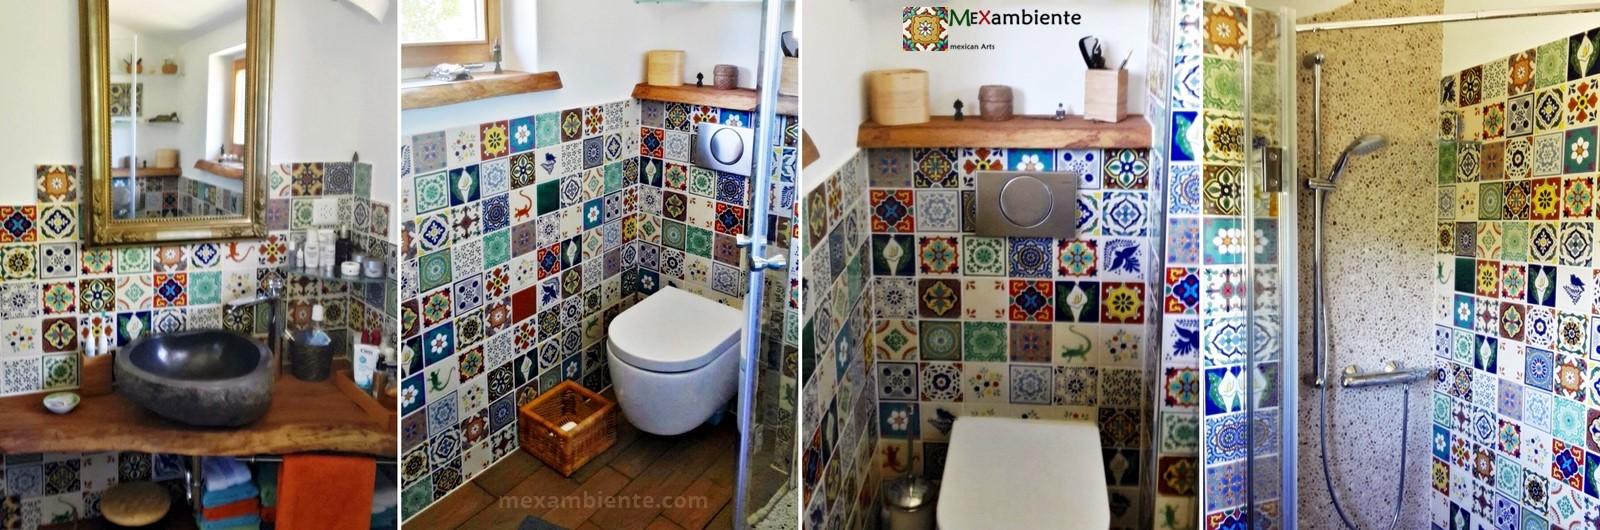 Galerie Fotos mexikanische Waschbecken u0026 Fliesen